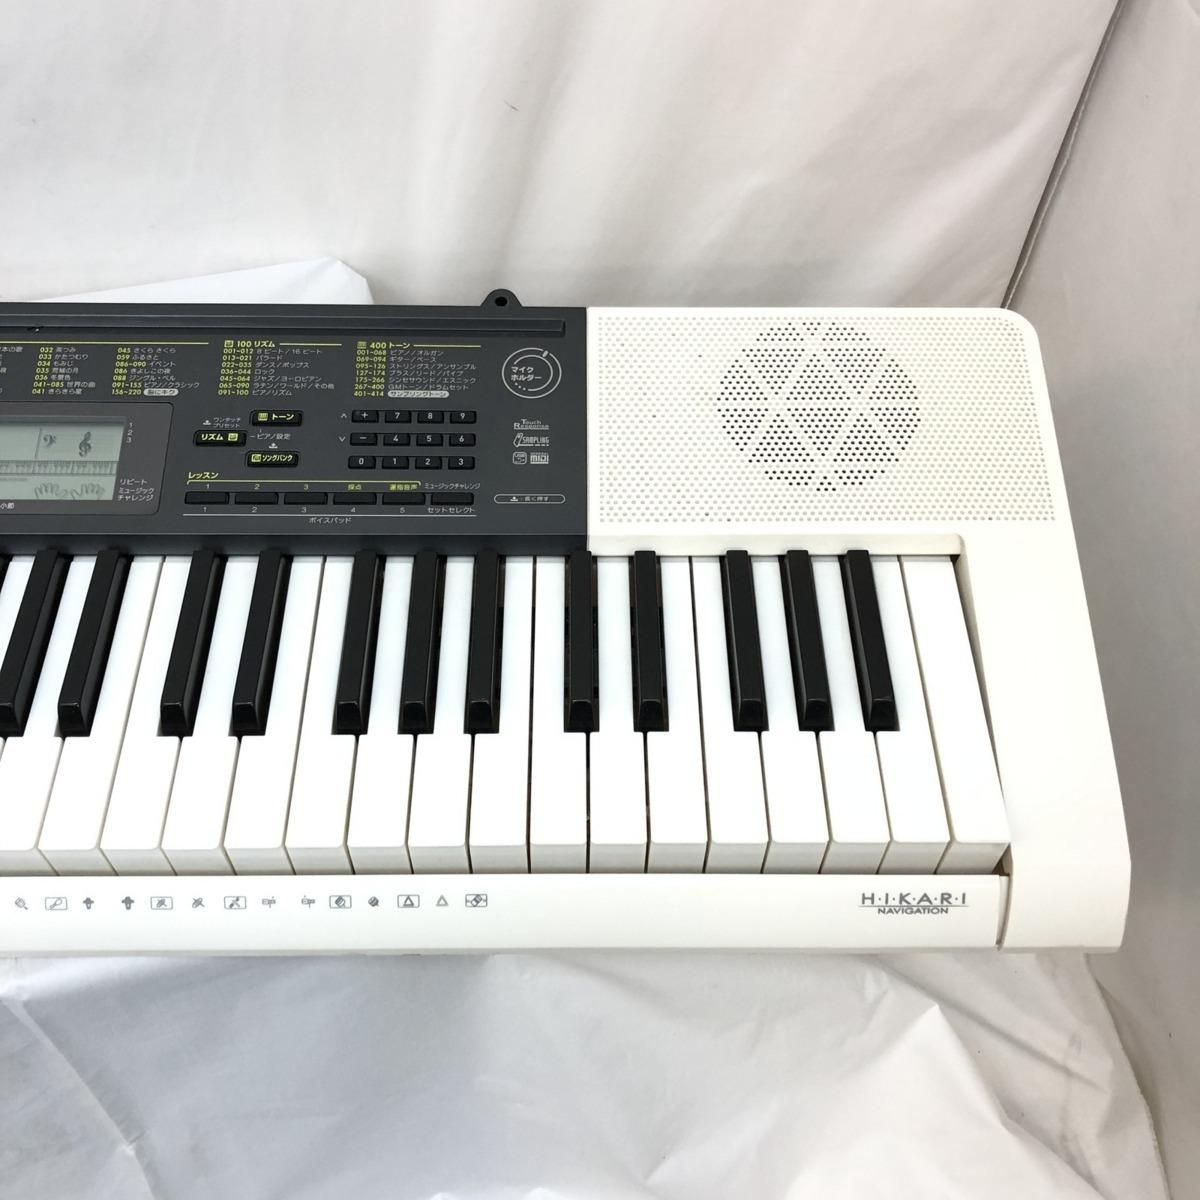 中古 CASIO カシオ 電子キーボード LK-116 61鍵盤 光ナビゲーション 電子ピアノ ホワイト ブラック 鍵盤楽器 アダプター付き H15204_画像7